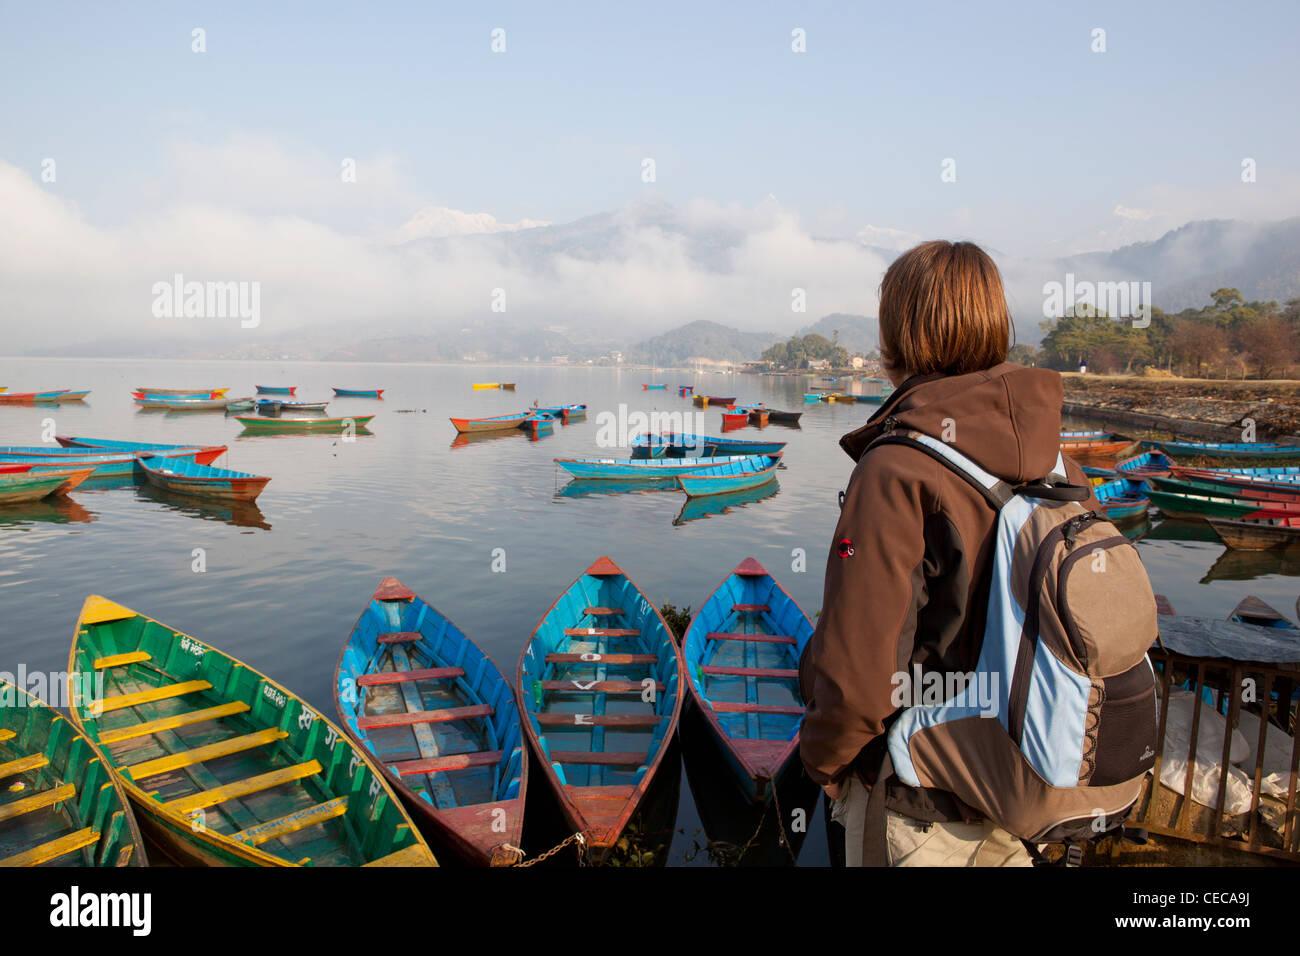 Woman overlooking colourful boats on Phewa Lake Pokhara Nepal Asia - Stock Image